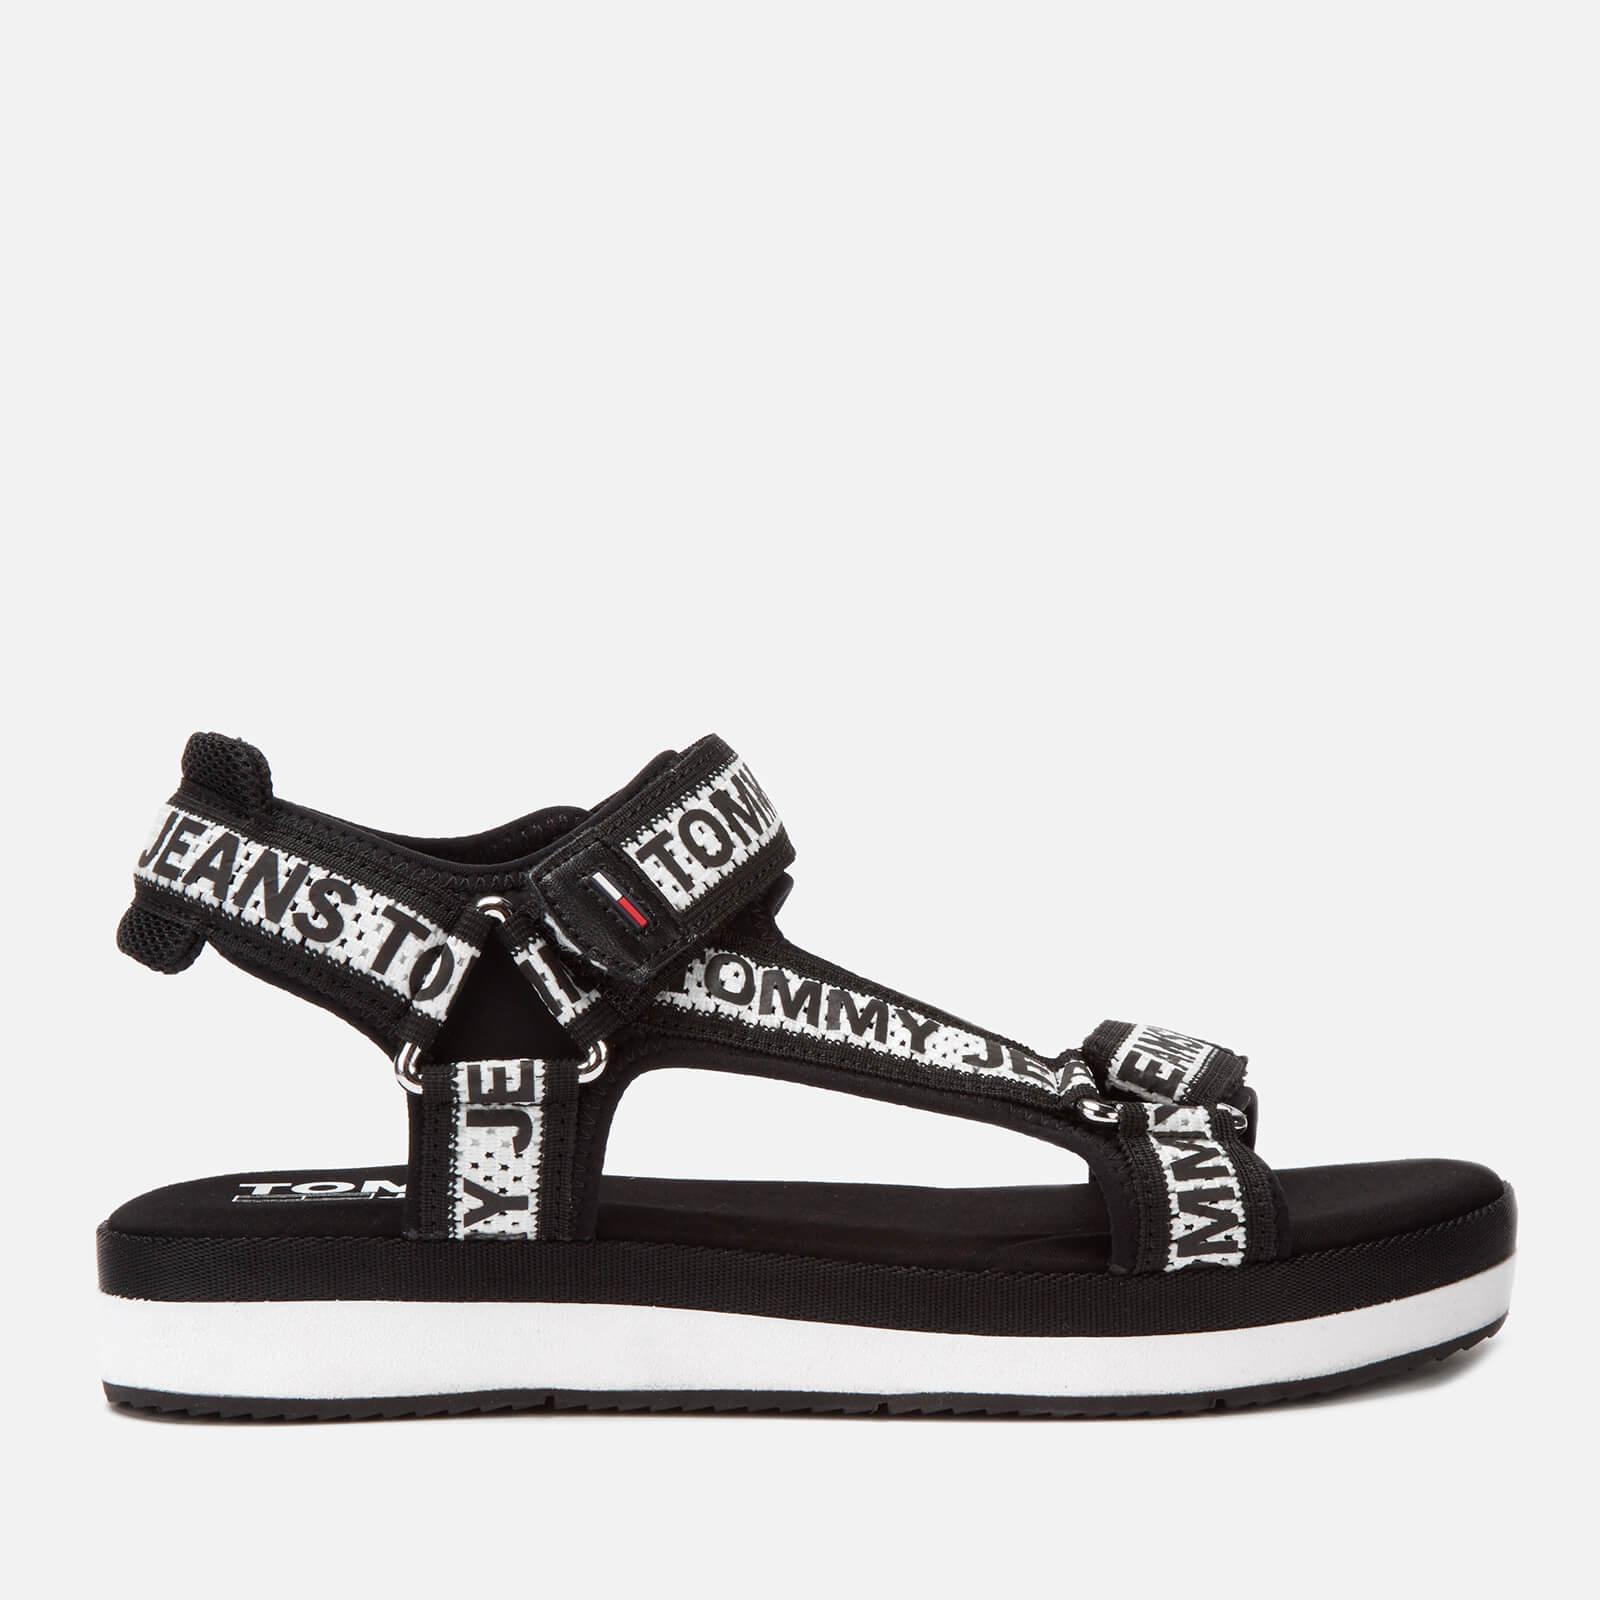 Tommy Jeans Women's Mesh Webbing Sport Sandals - Black